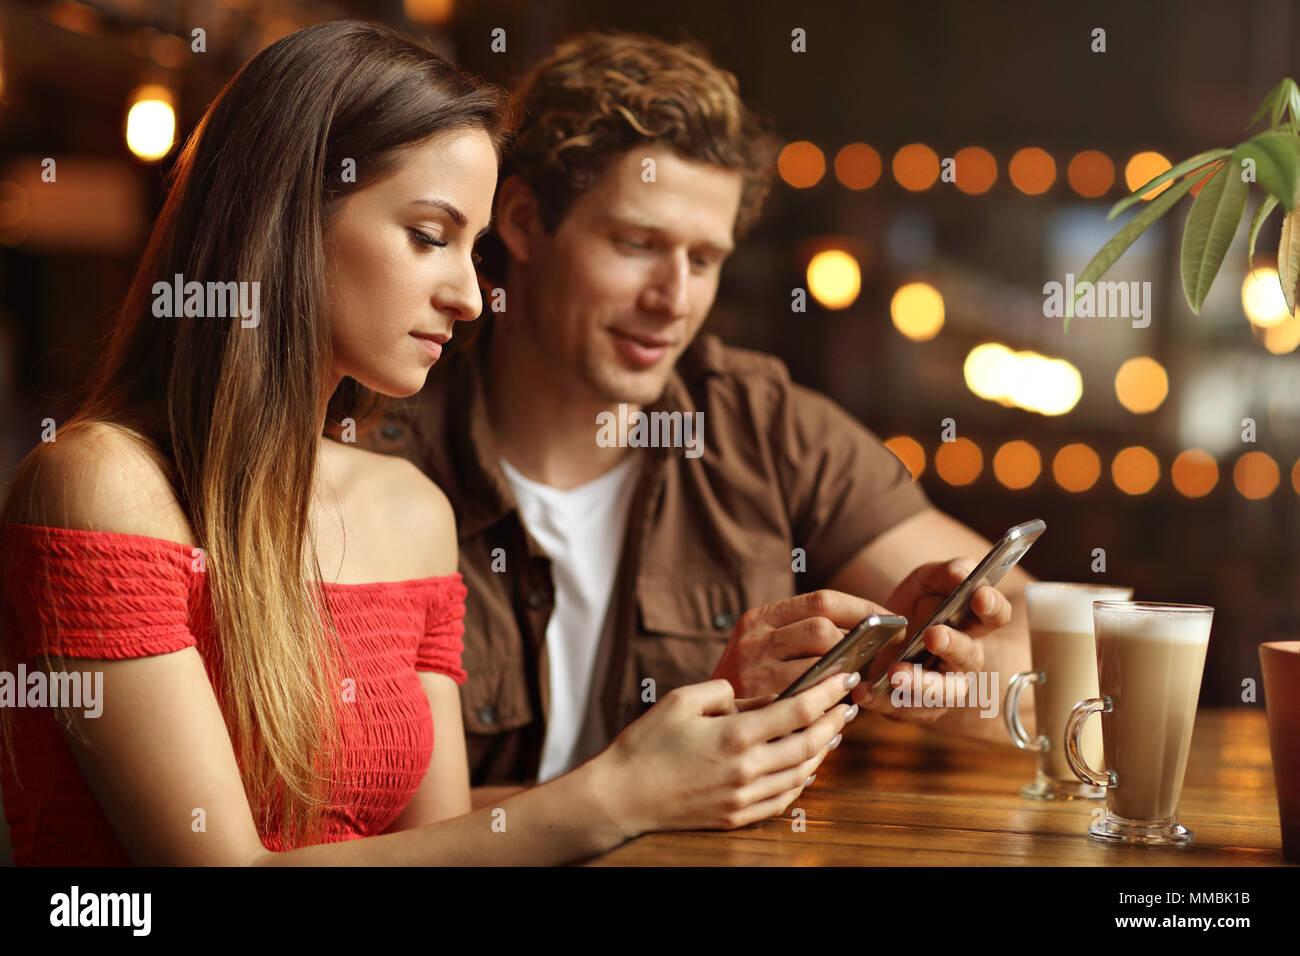 Süßes Paar auf ein Date im café Stockbild